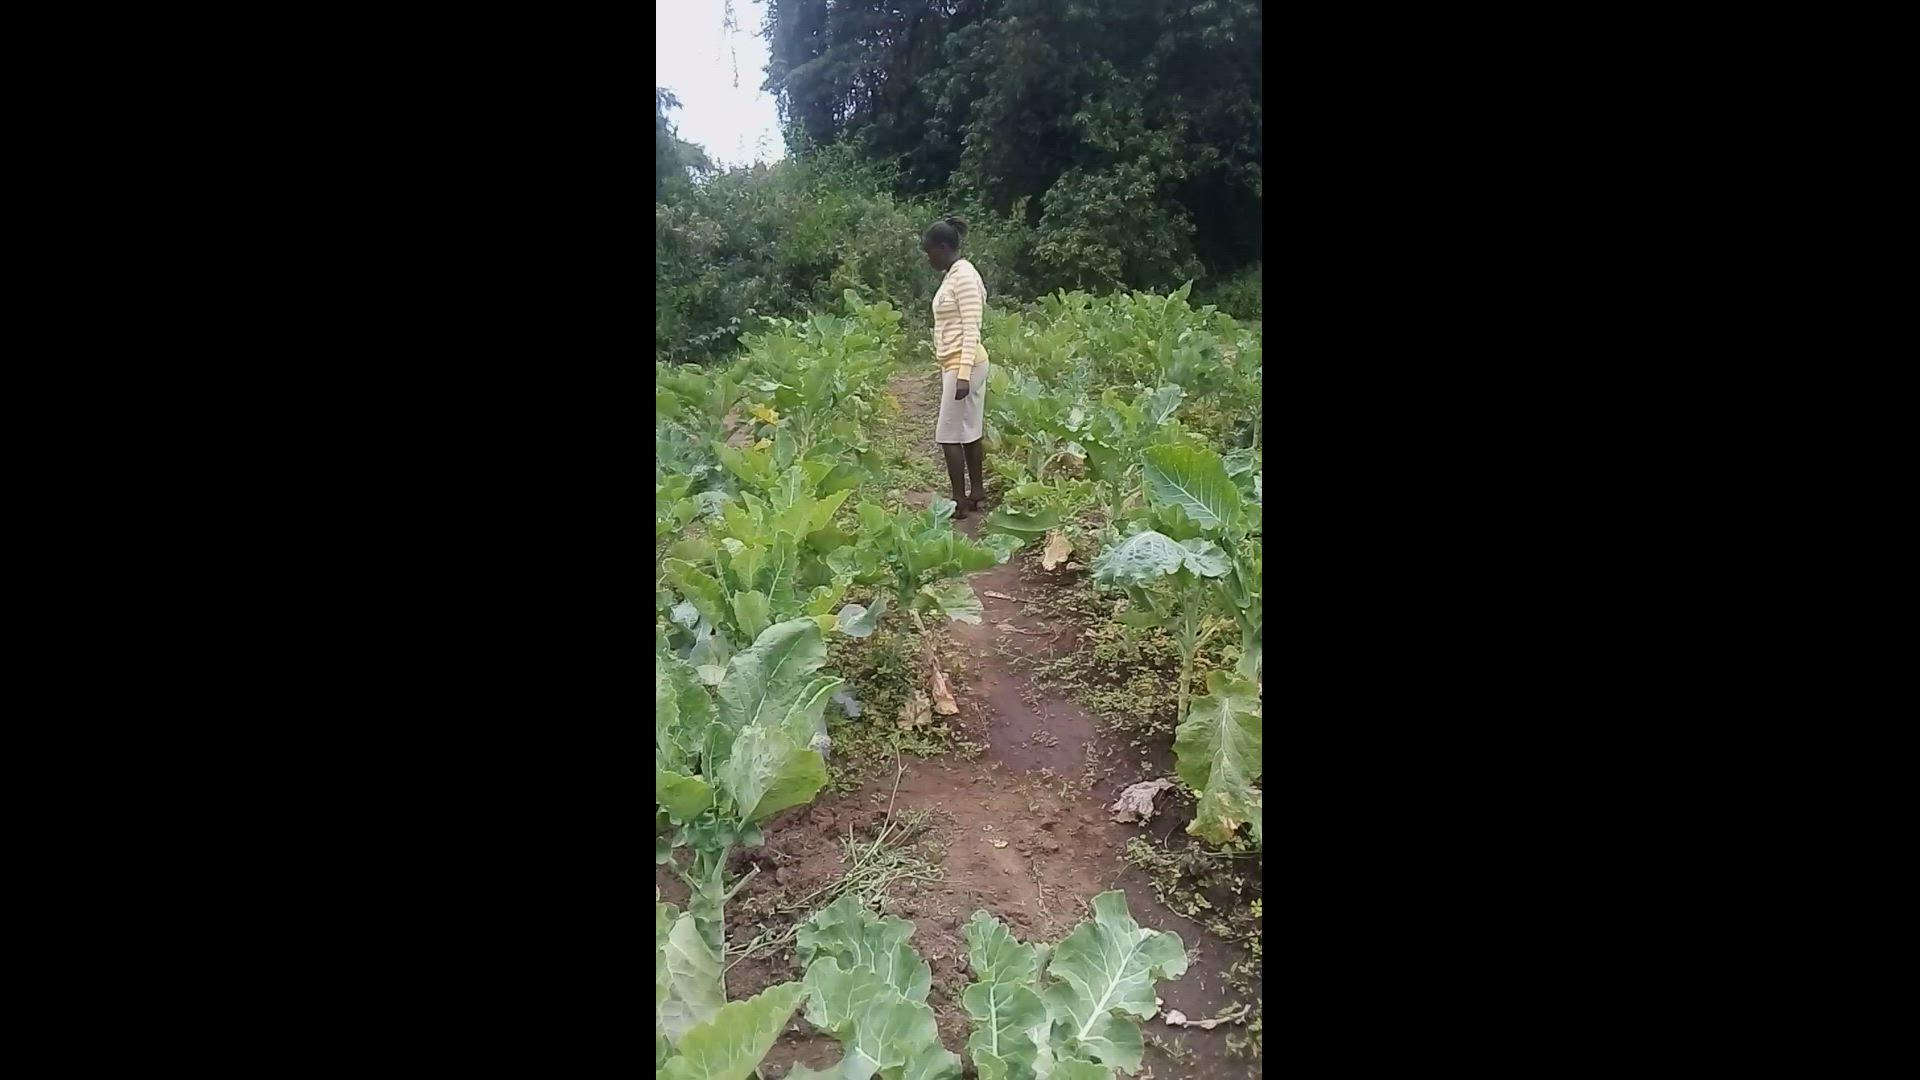 Kale production